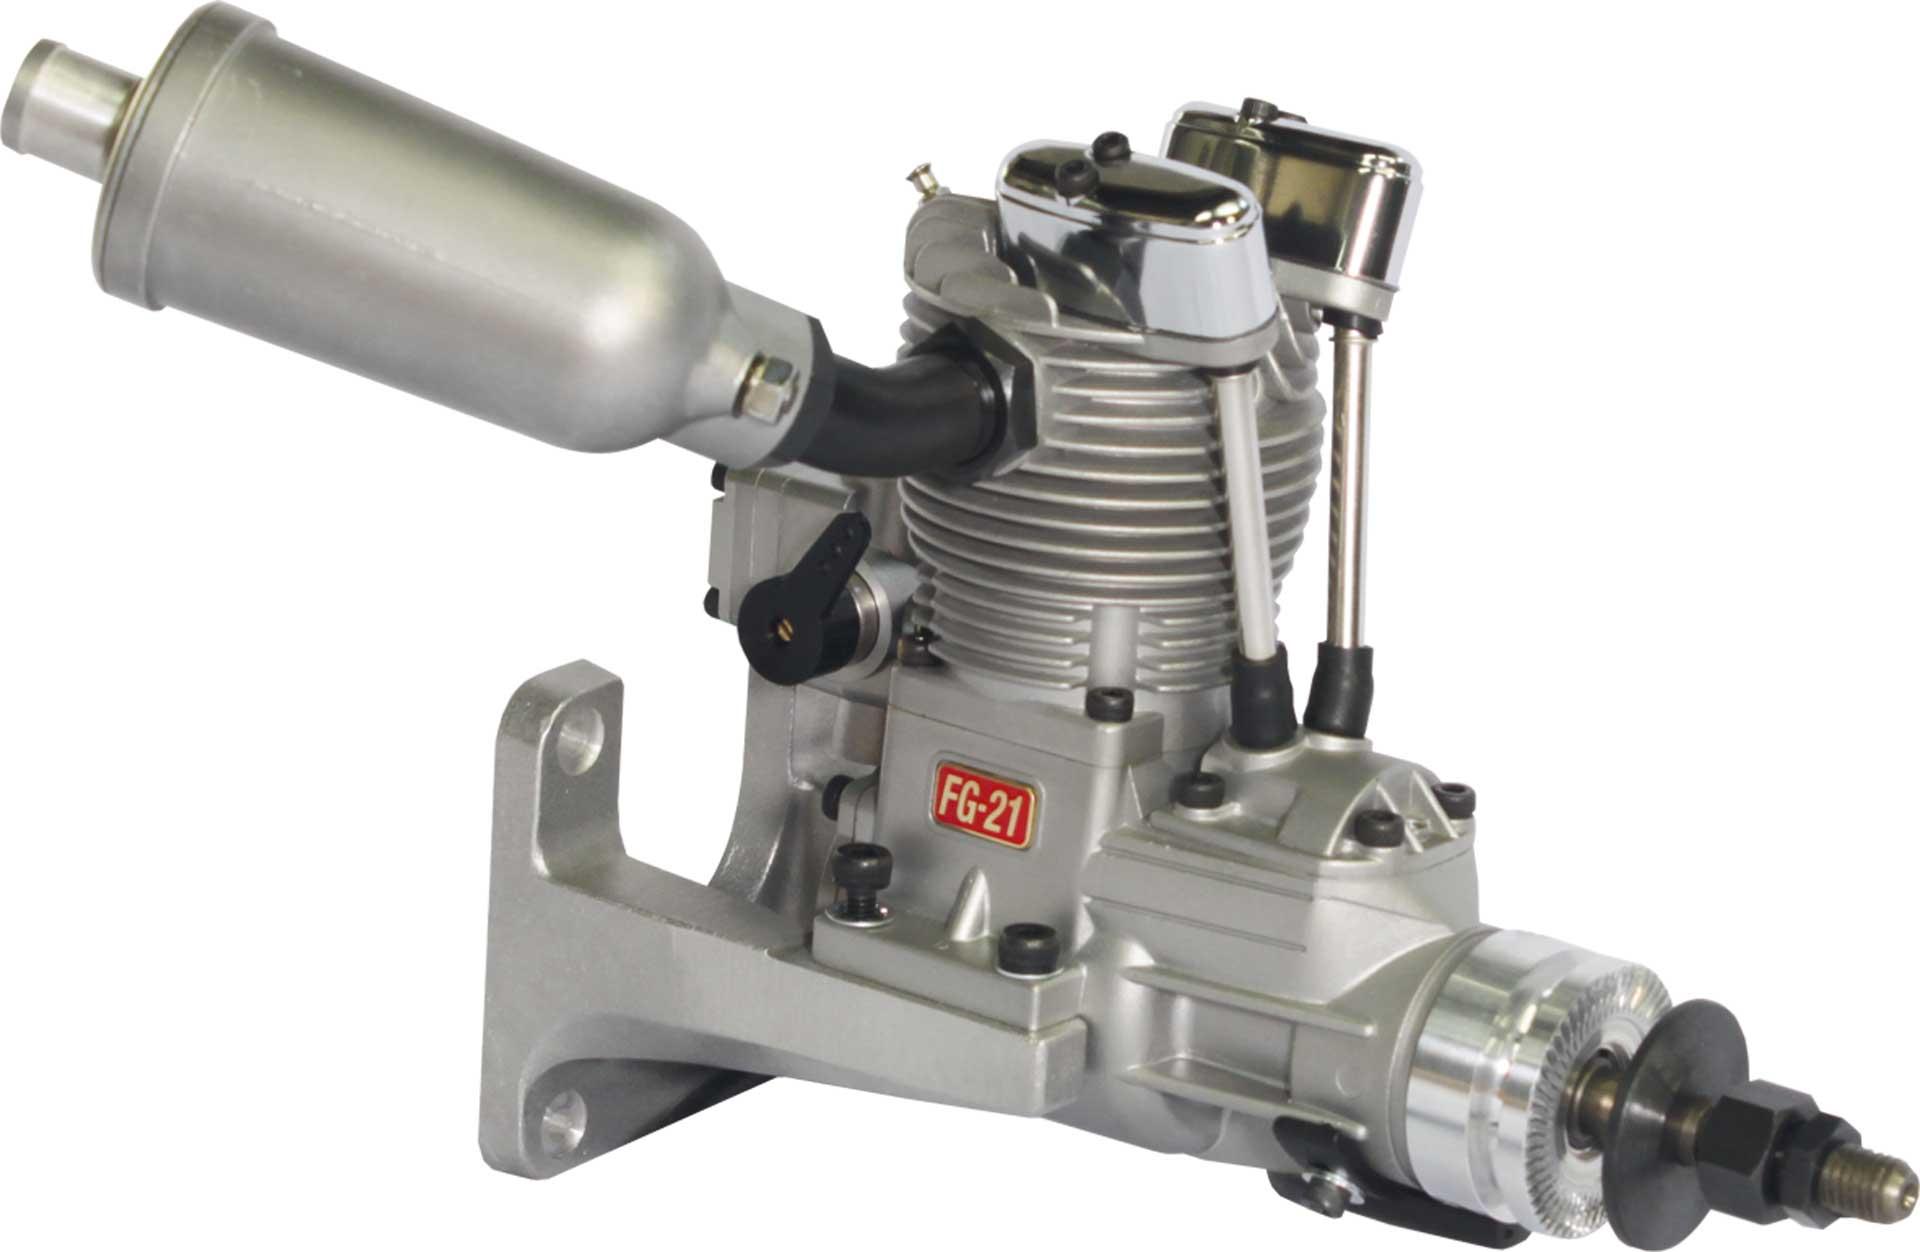 SAITO FG-21 BENZIN MOTOR